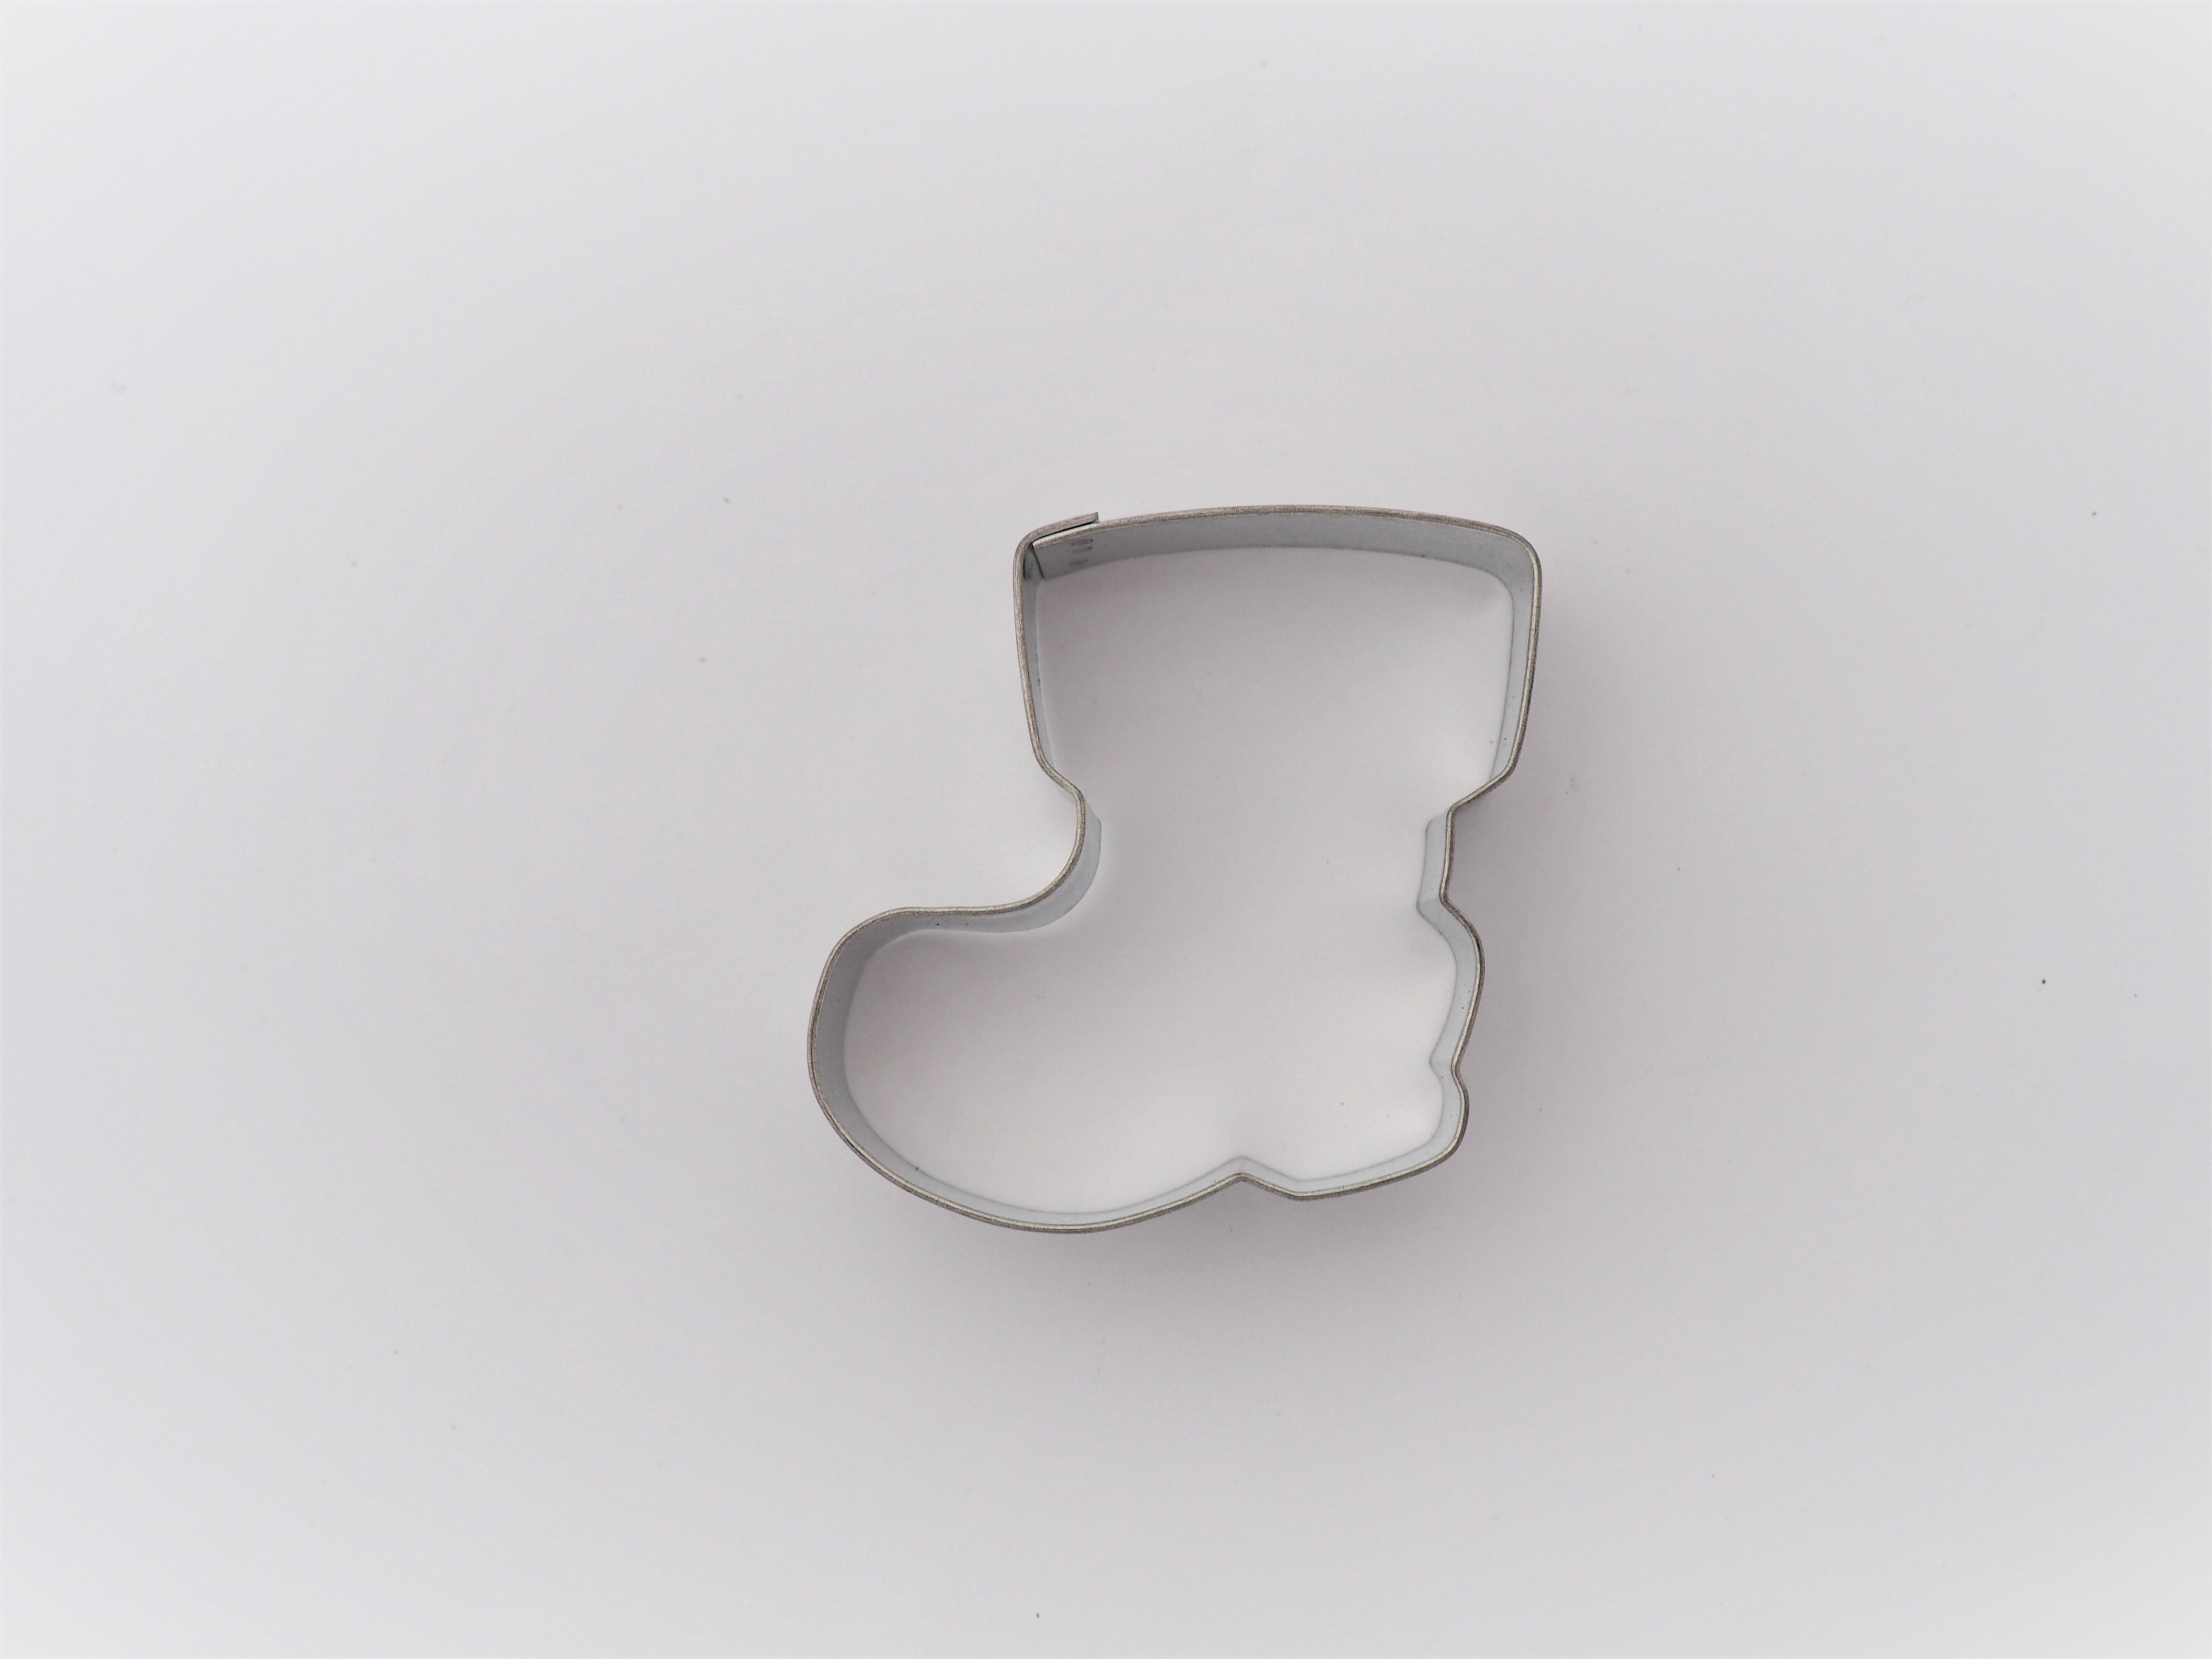 Ausstecher Stiefel 6 cm